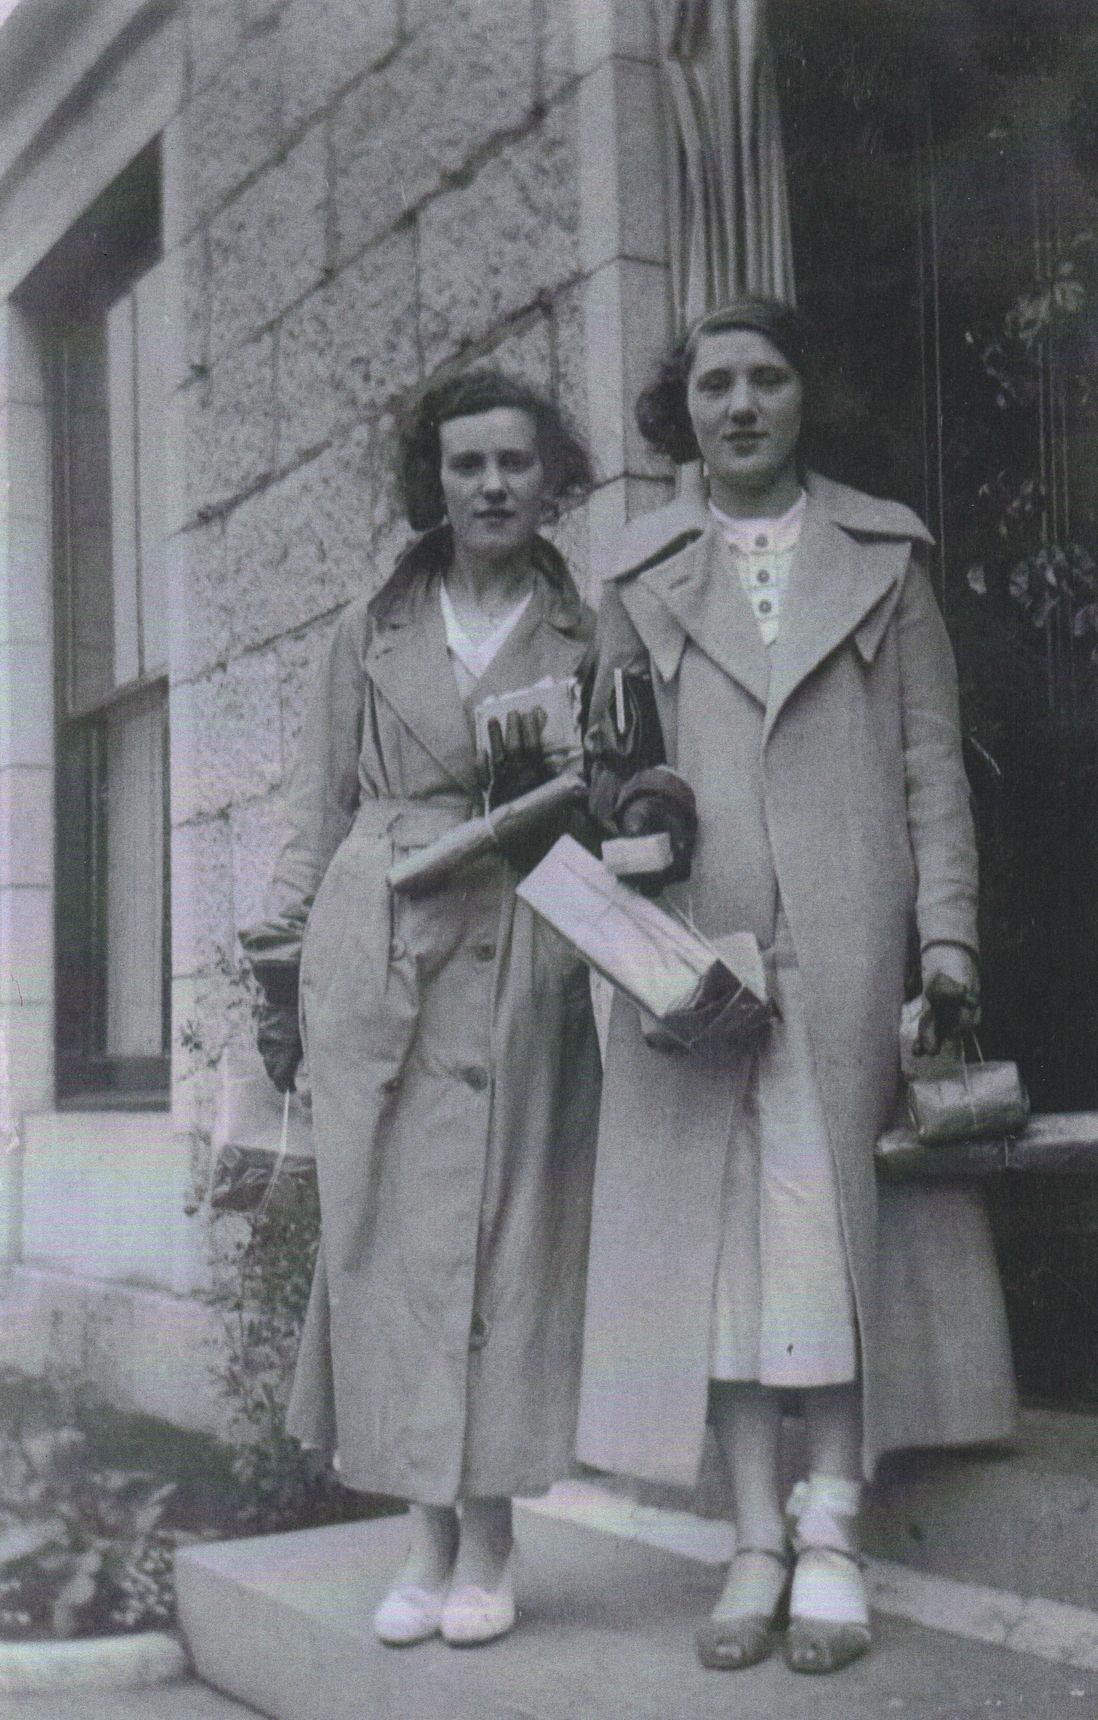 My Mum Bessie W.F. Shaw aged 18 with her friend